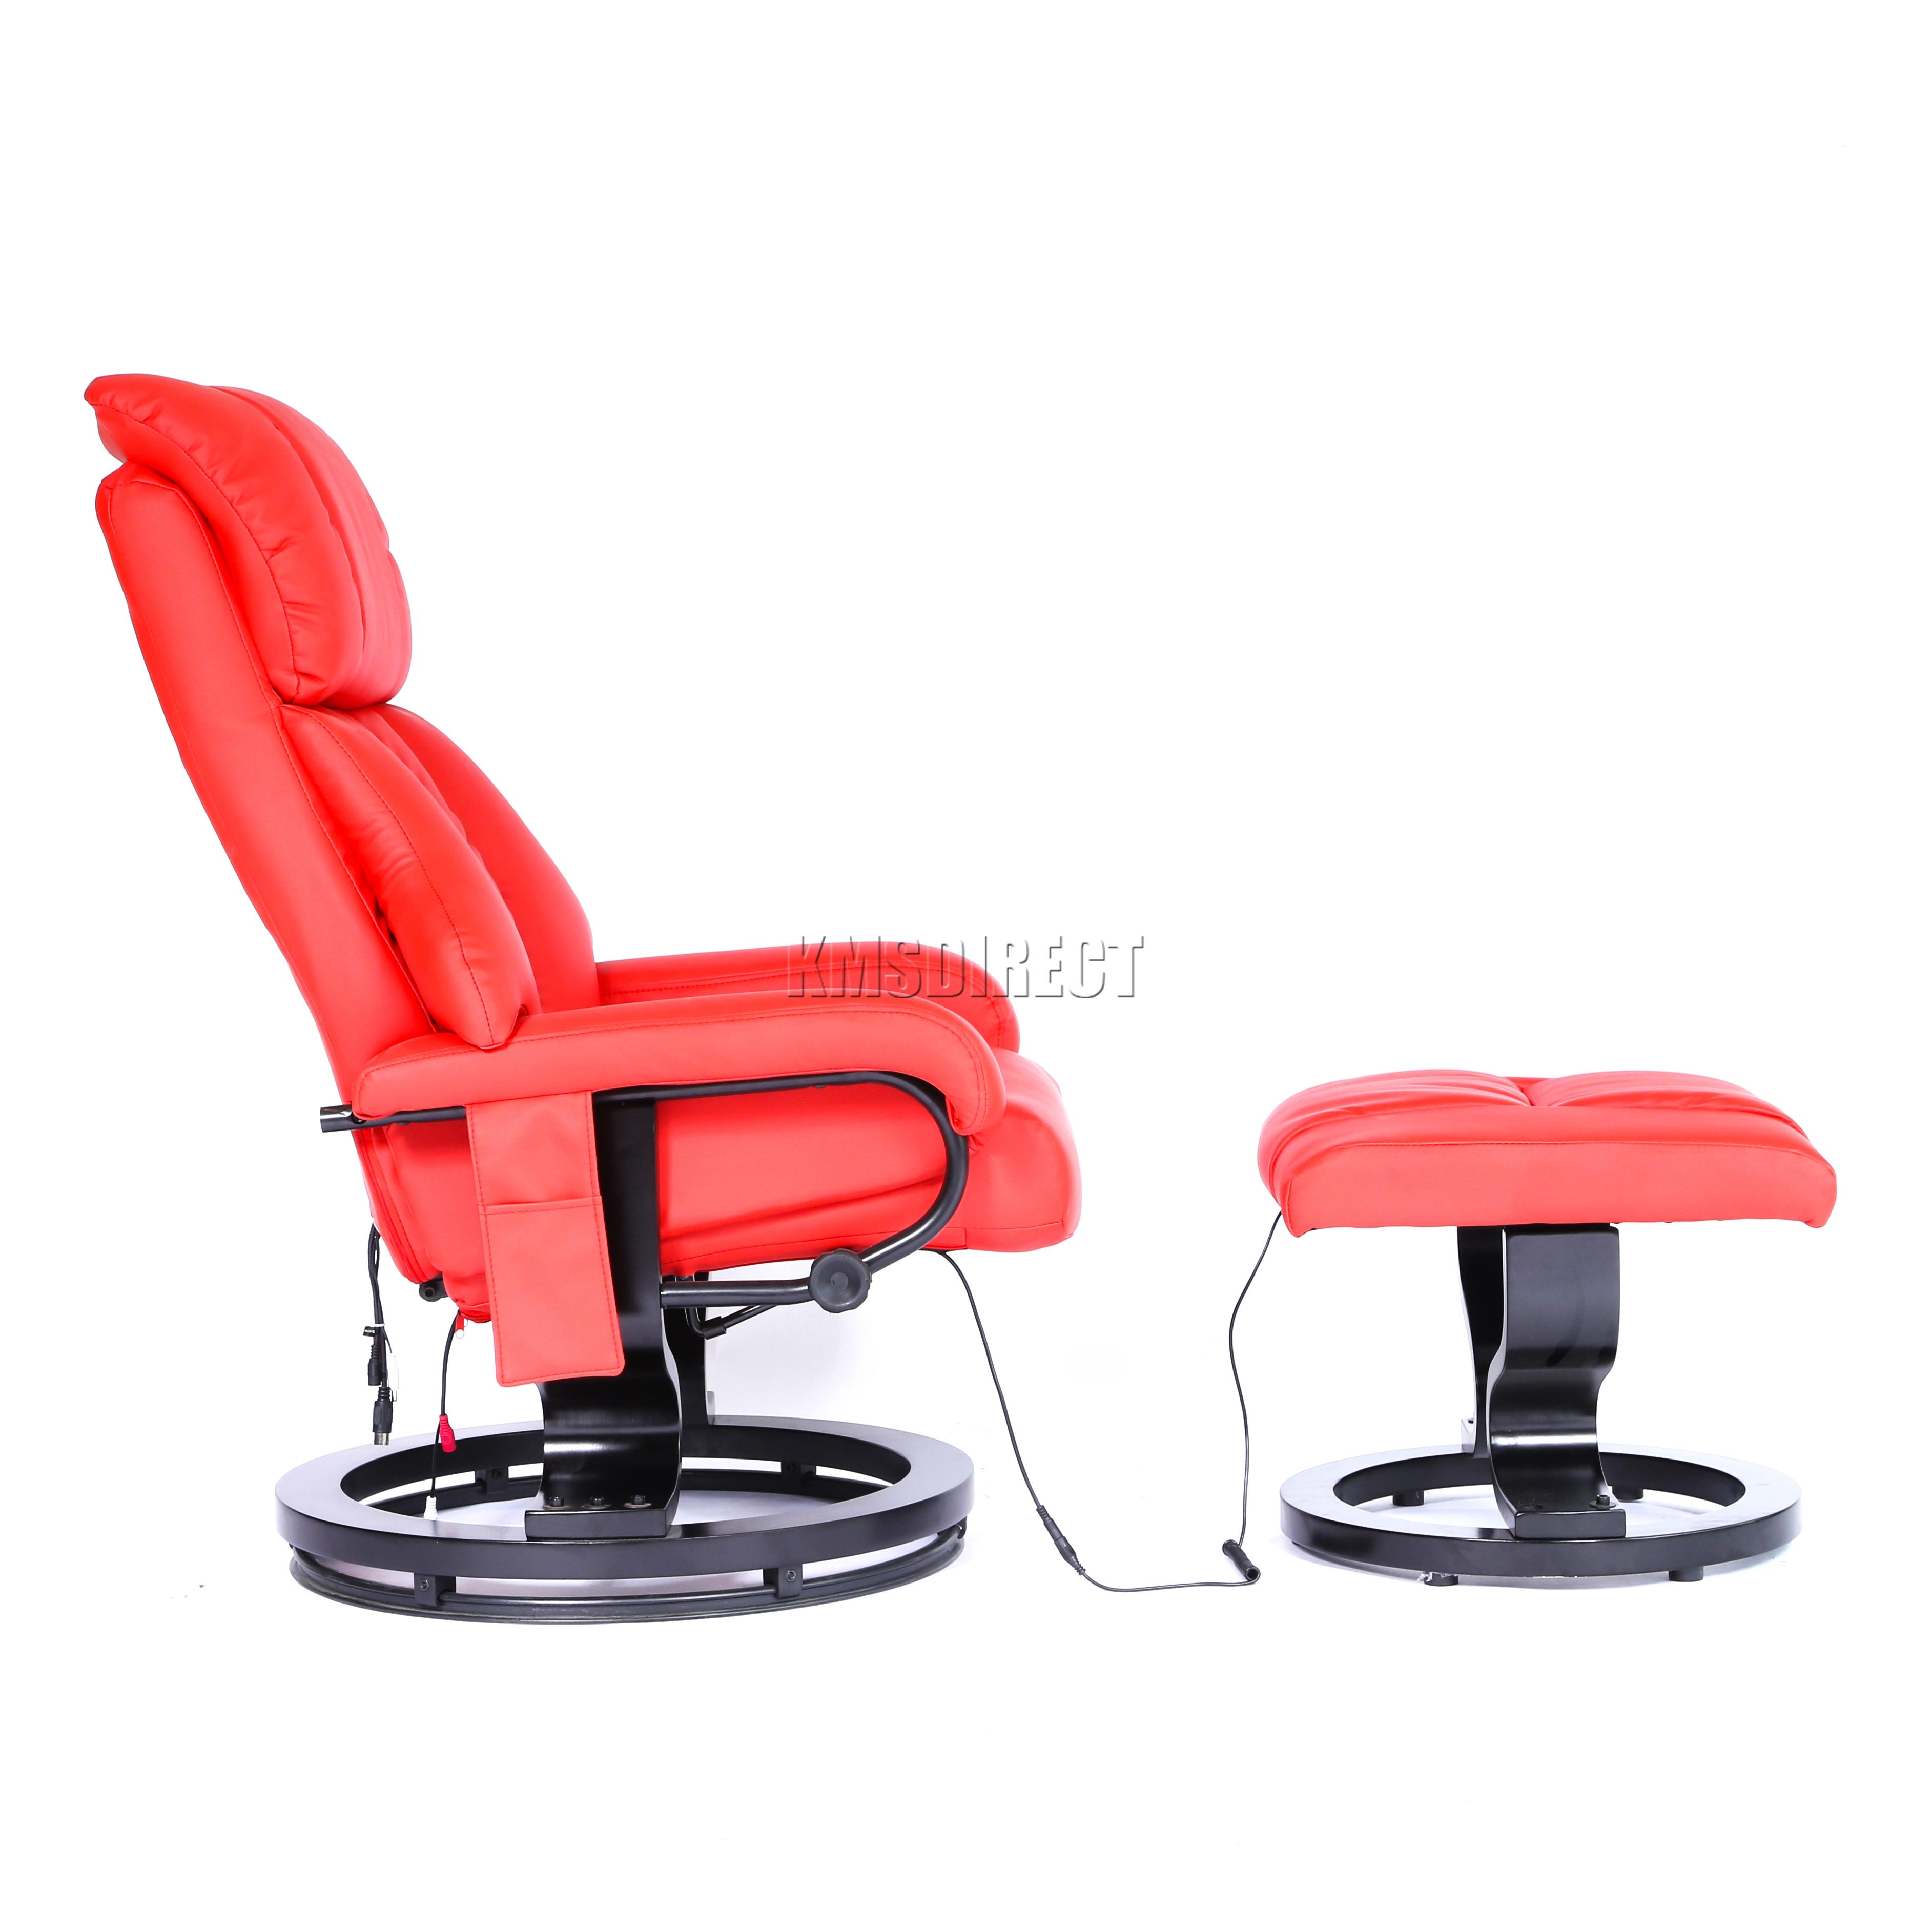 Hd Chair Massage Dvd